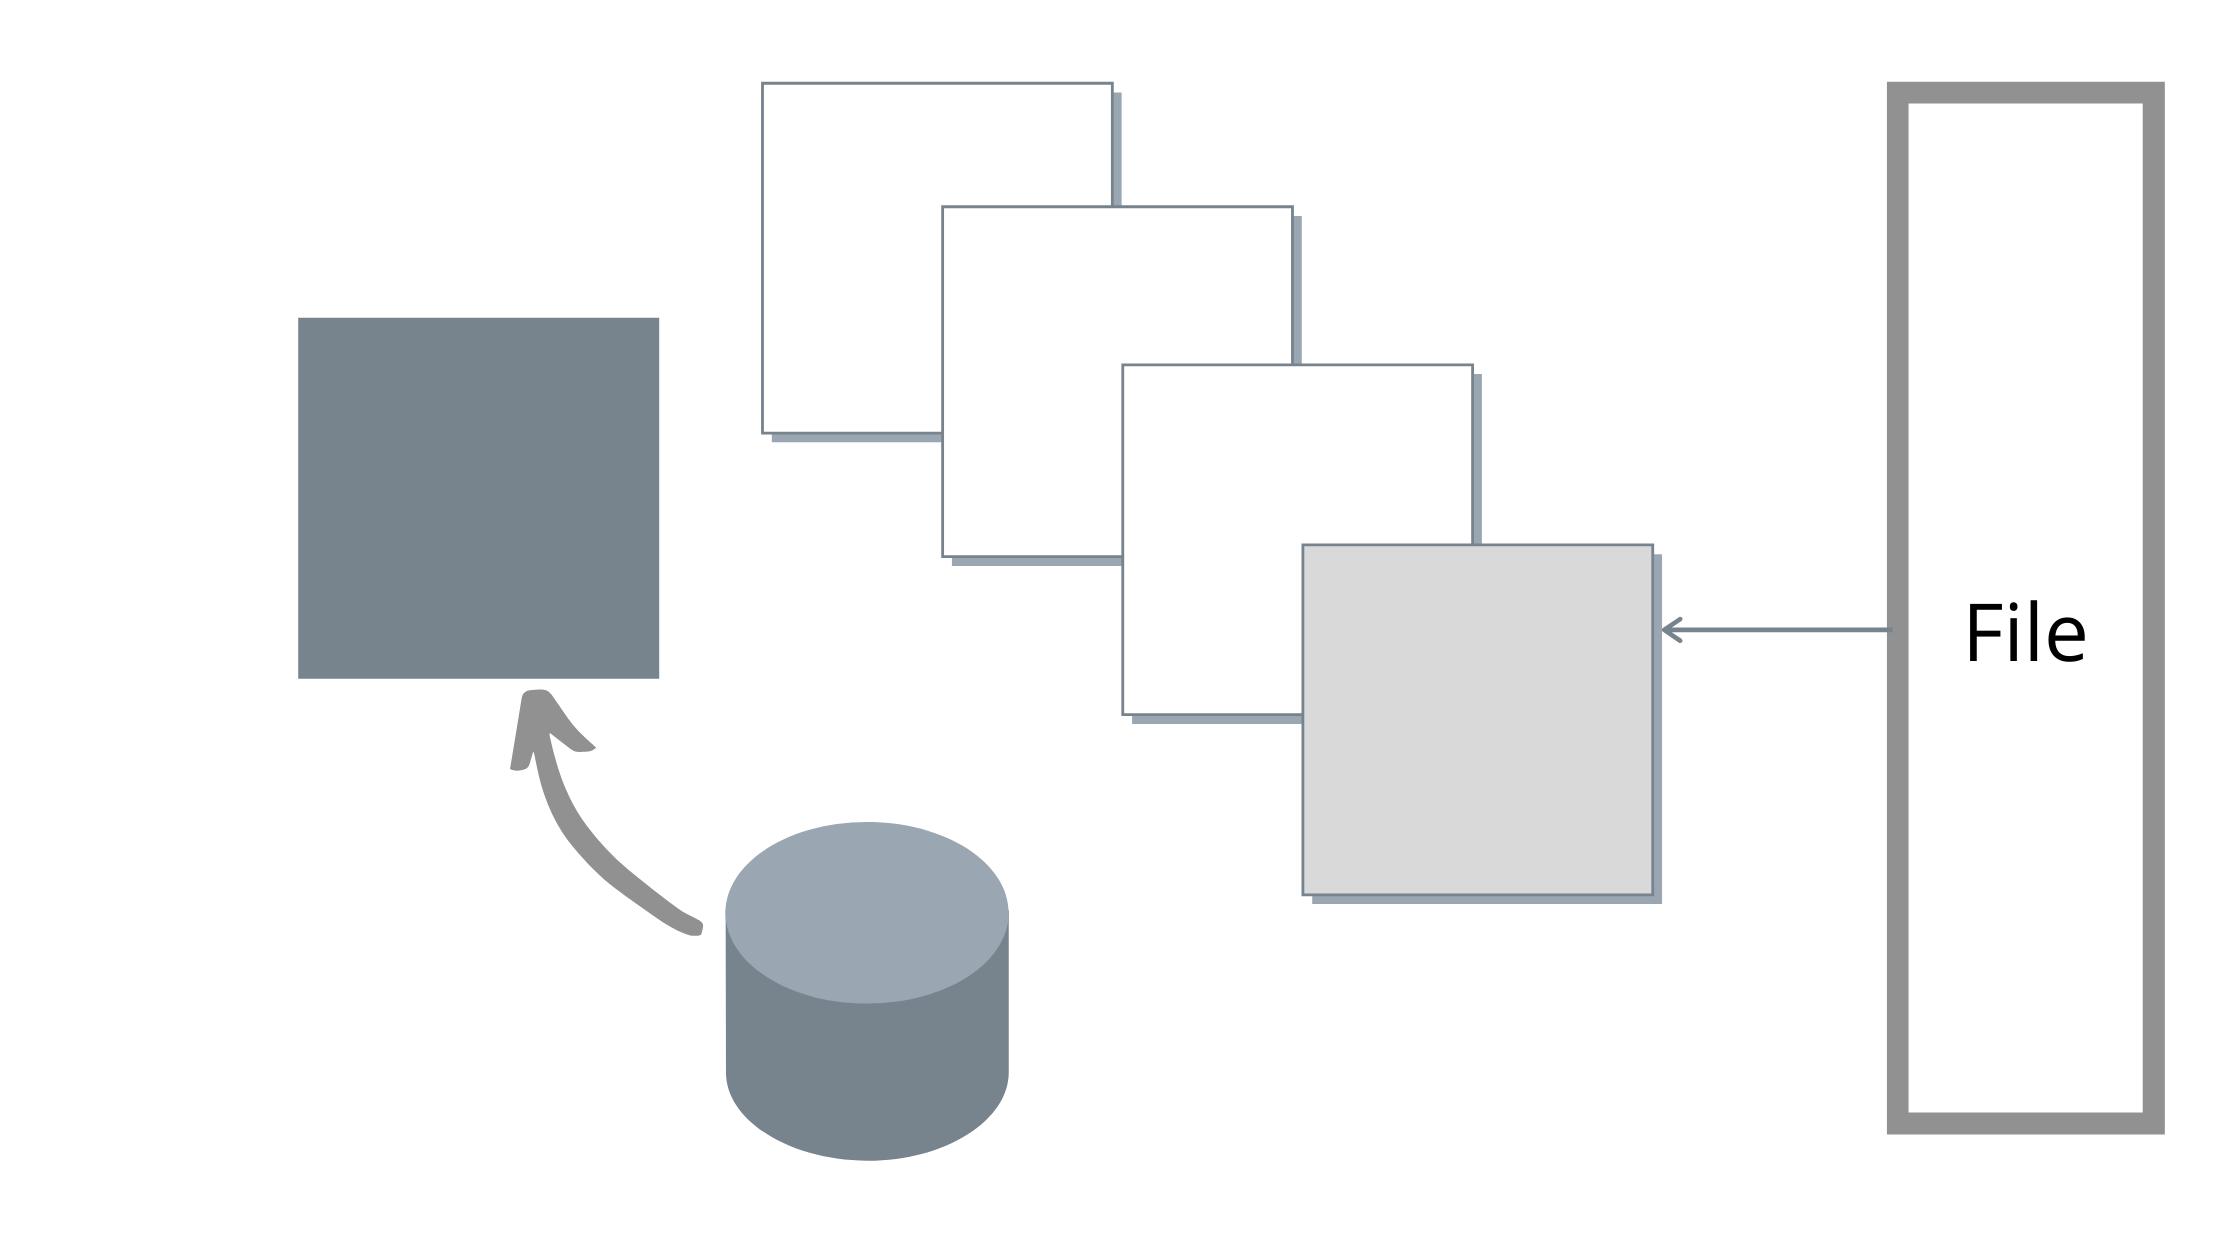 Современные накопители очень быстры, но плохие API это не учитывают - 3